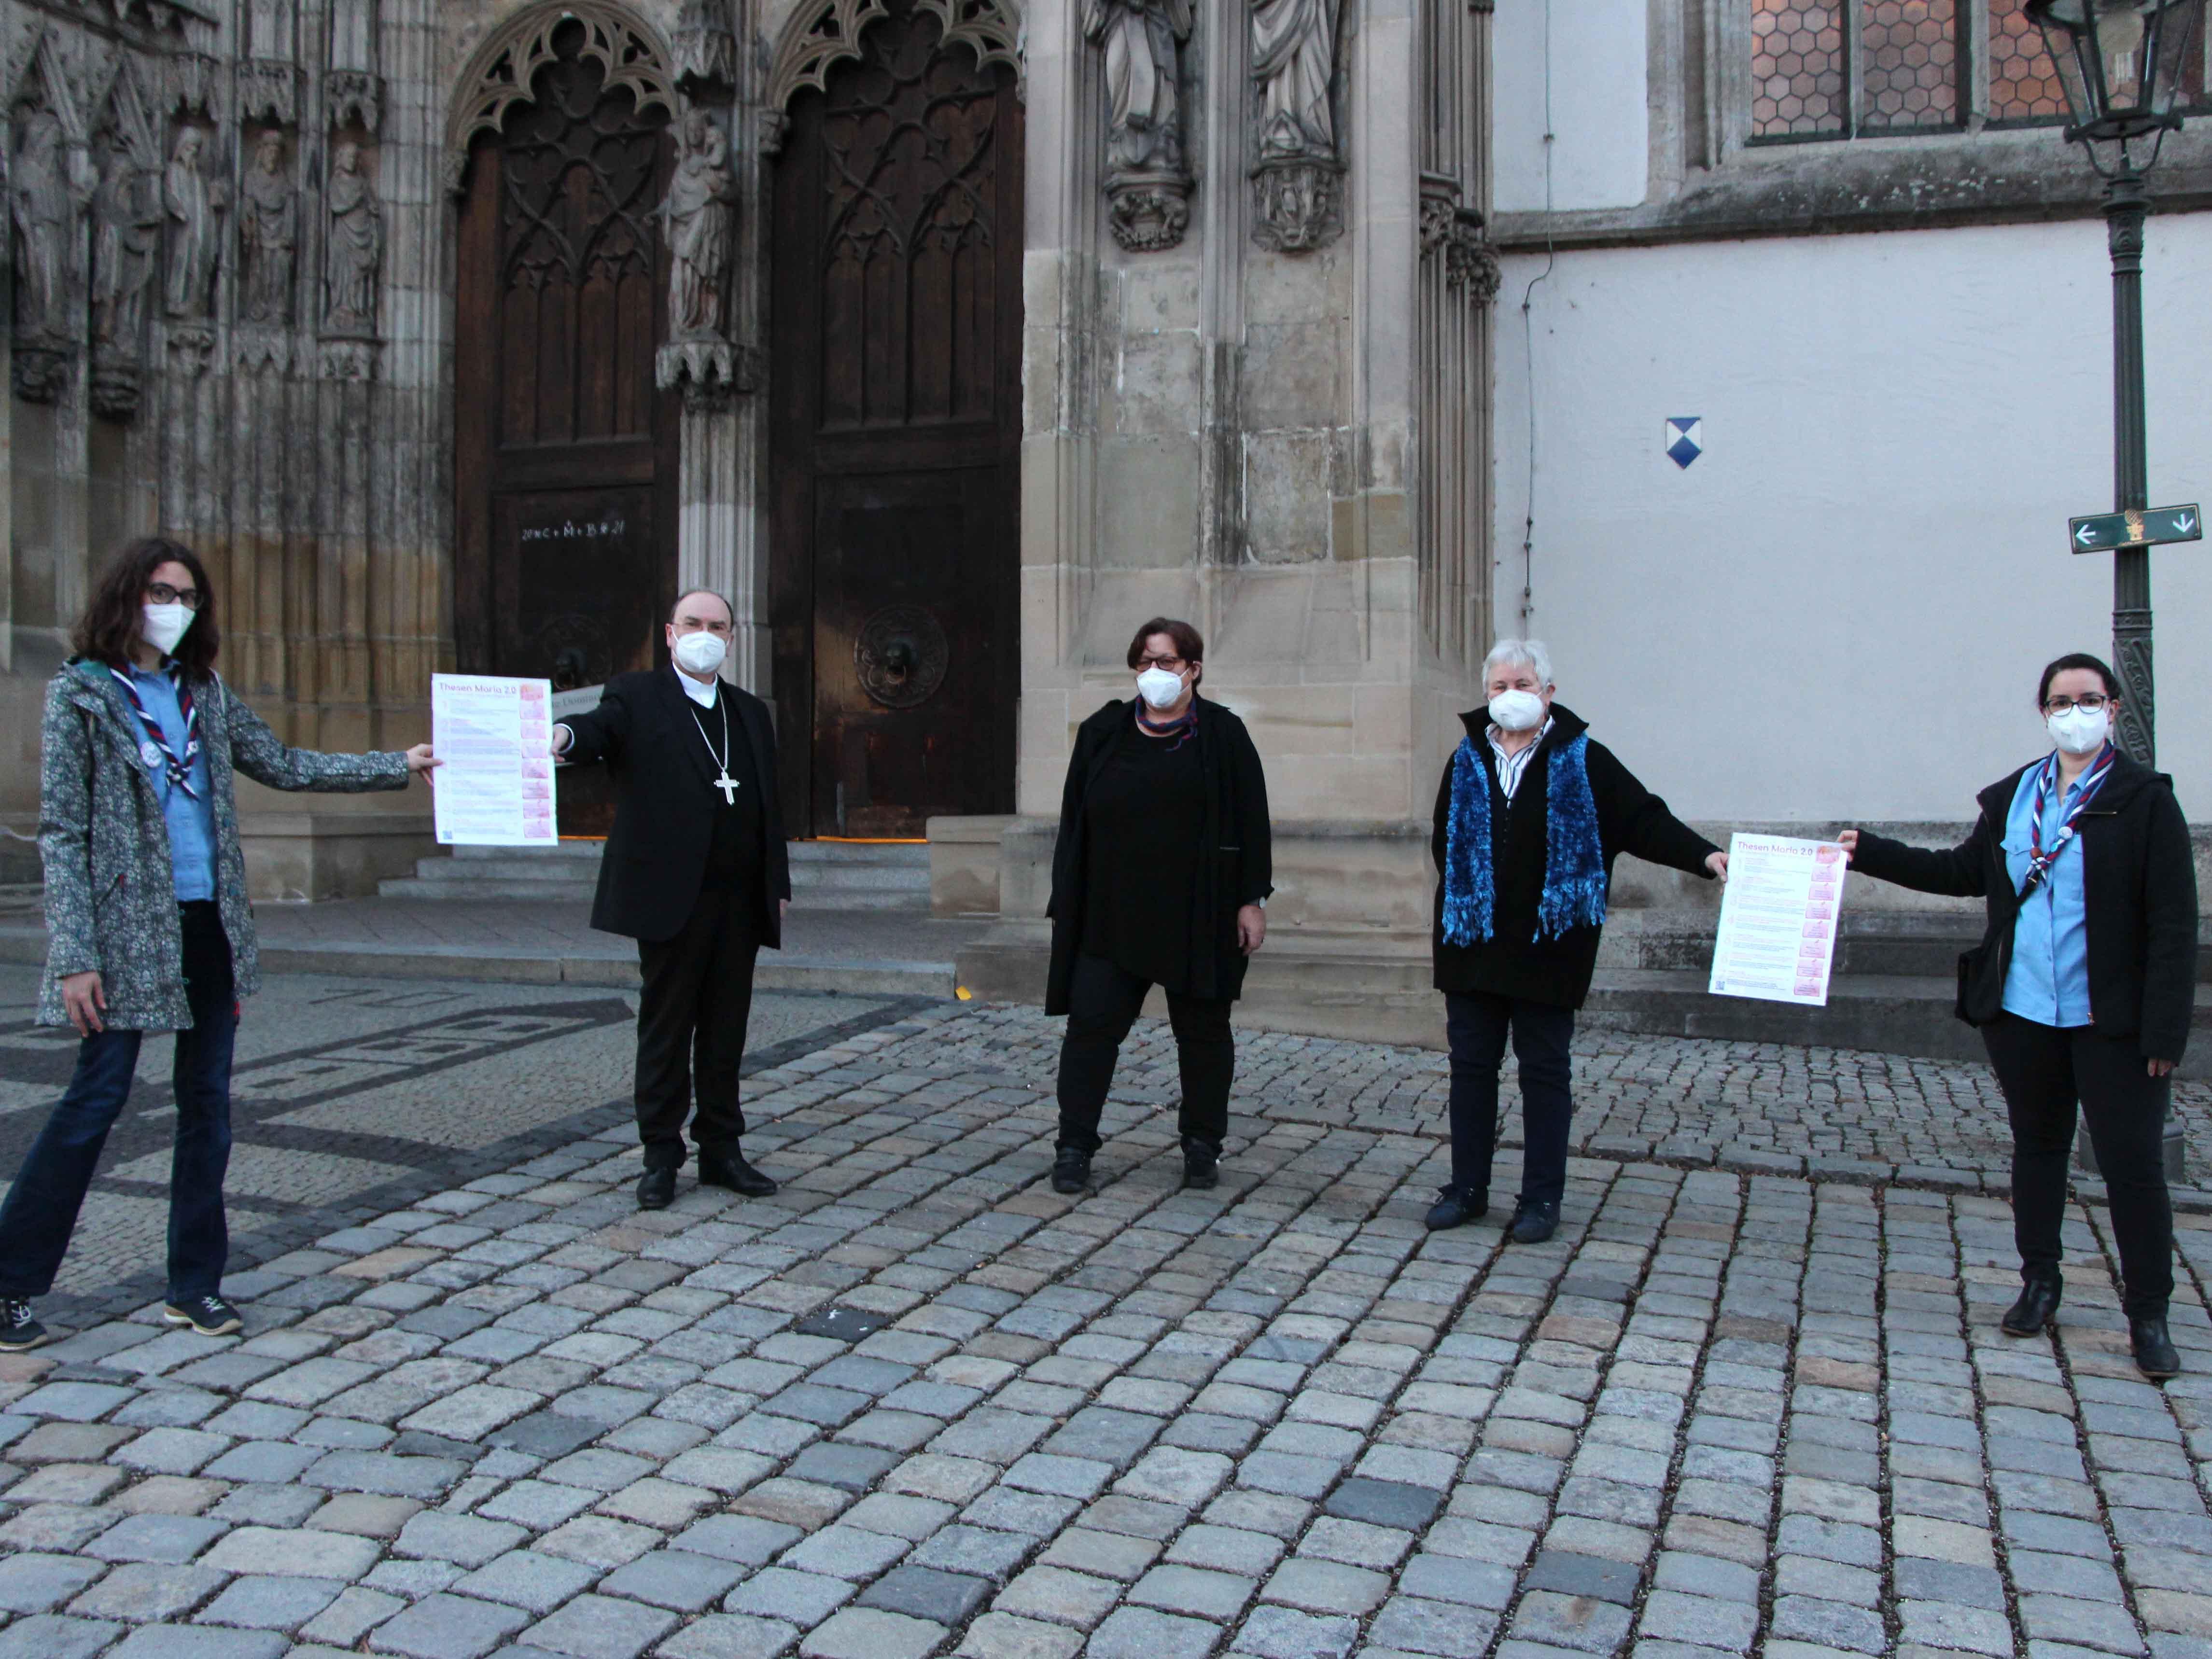 Auf dem Augsburger Domplatz überreichten sie Bischof Bertram ihre Thesen (v.links): Franziska Hankl, Bischof Dr. Bertram Meier, Irene Kischkat, Marlene Scholz, Carina Seuffert. (Foto: Irene Kischkat)